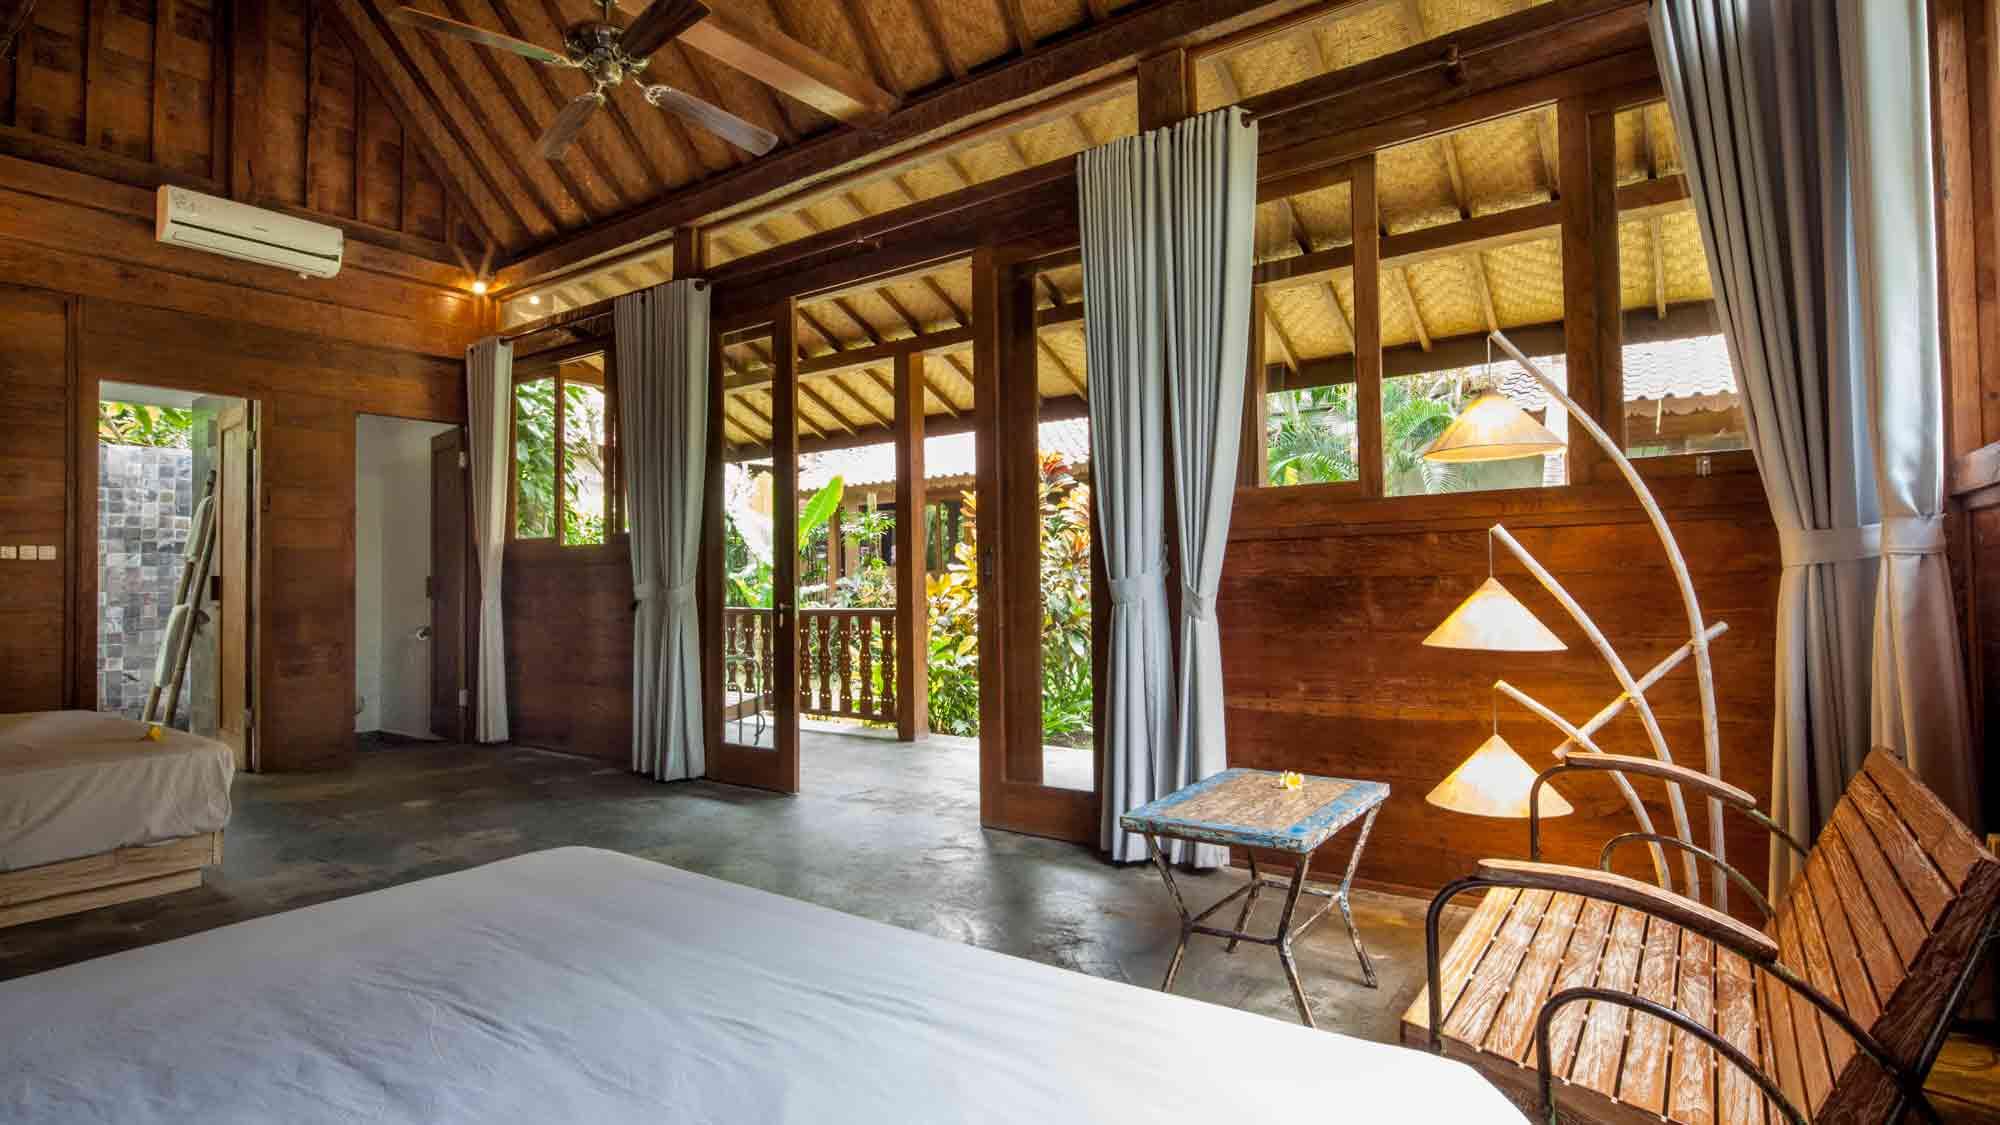 Barong room at Eat Sleep Skate Bali